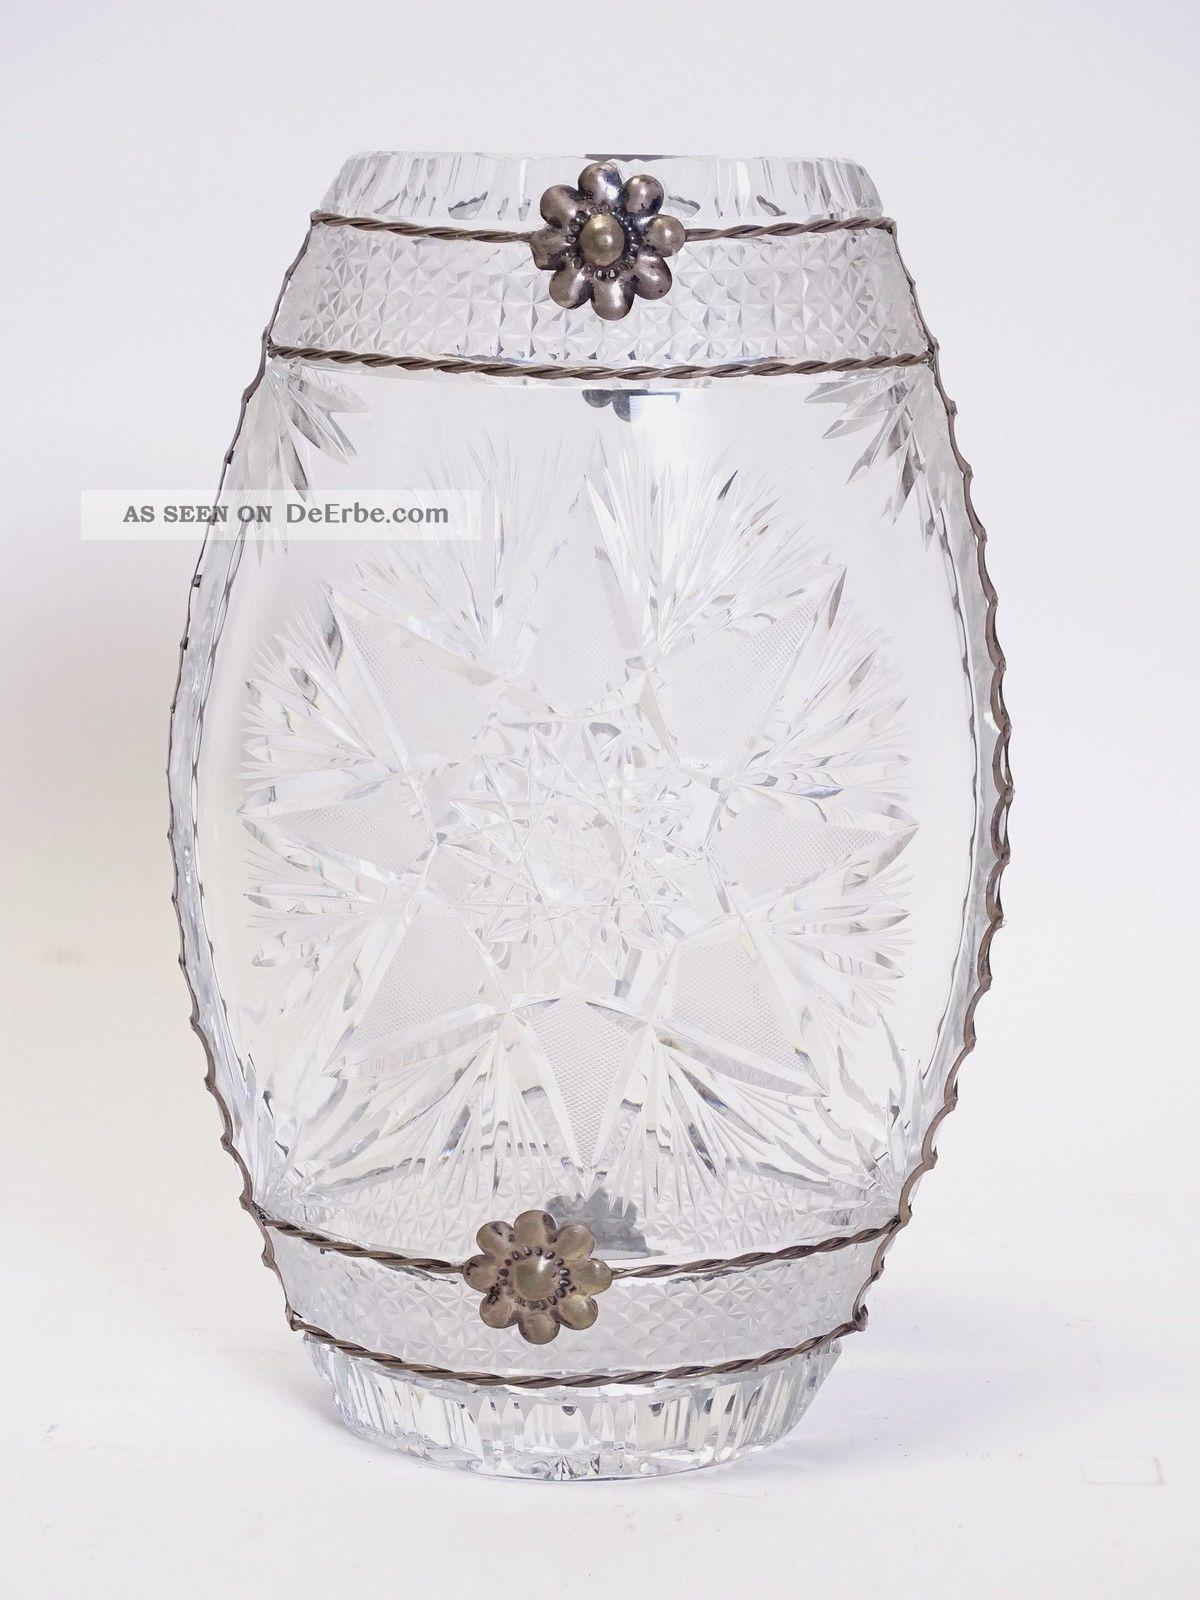 Riesige Schwere Blei Kristall Glas Vase Shabby Chic Vintage Mit Metall Montur Kristall Bild